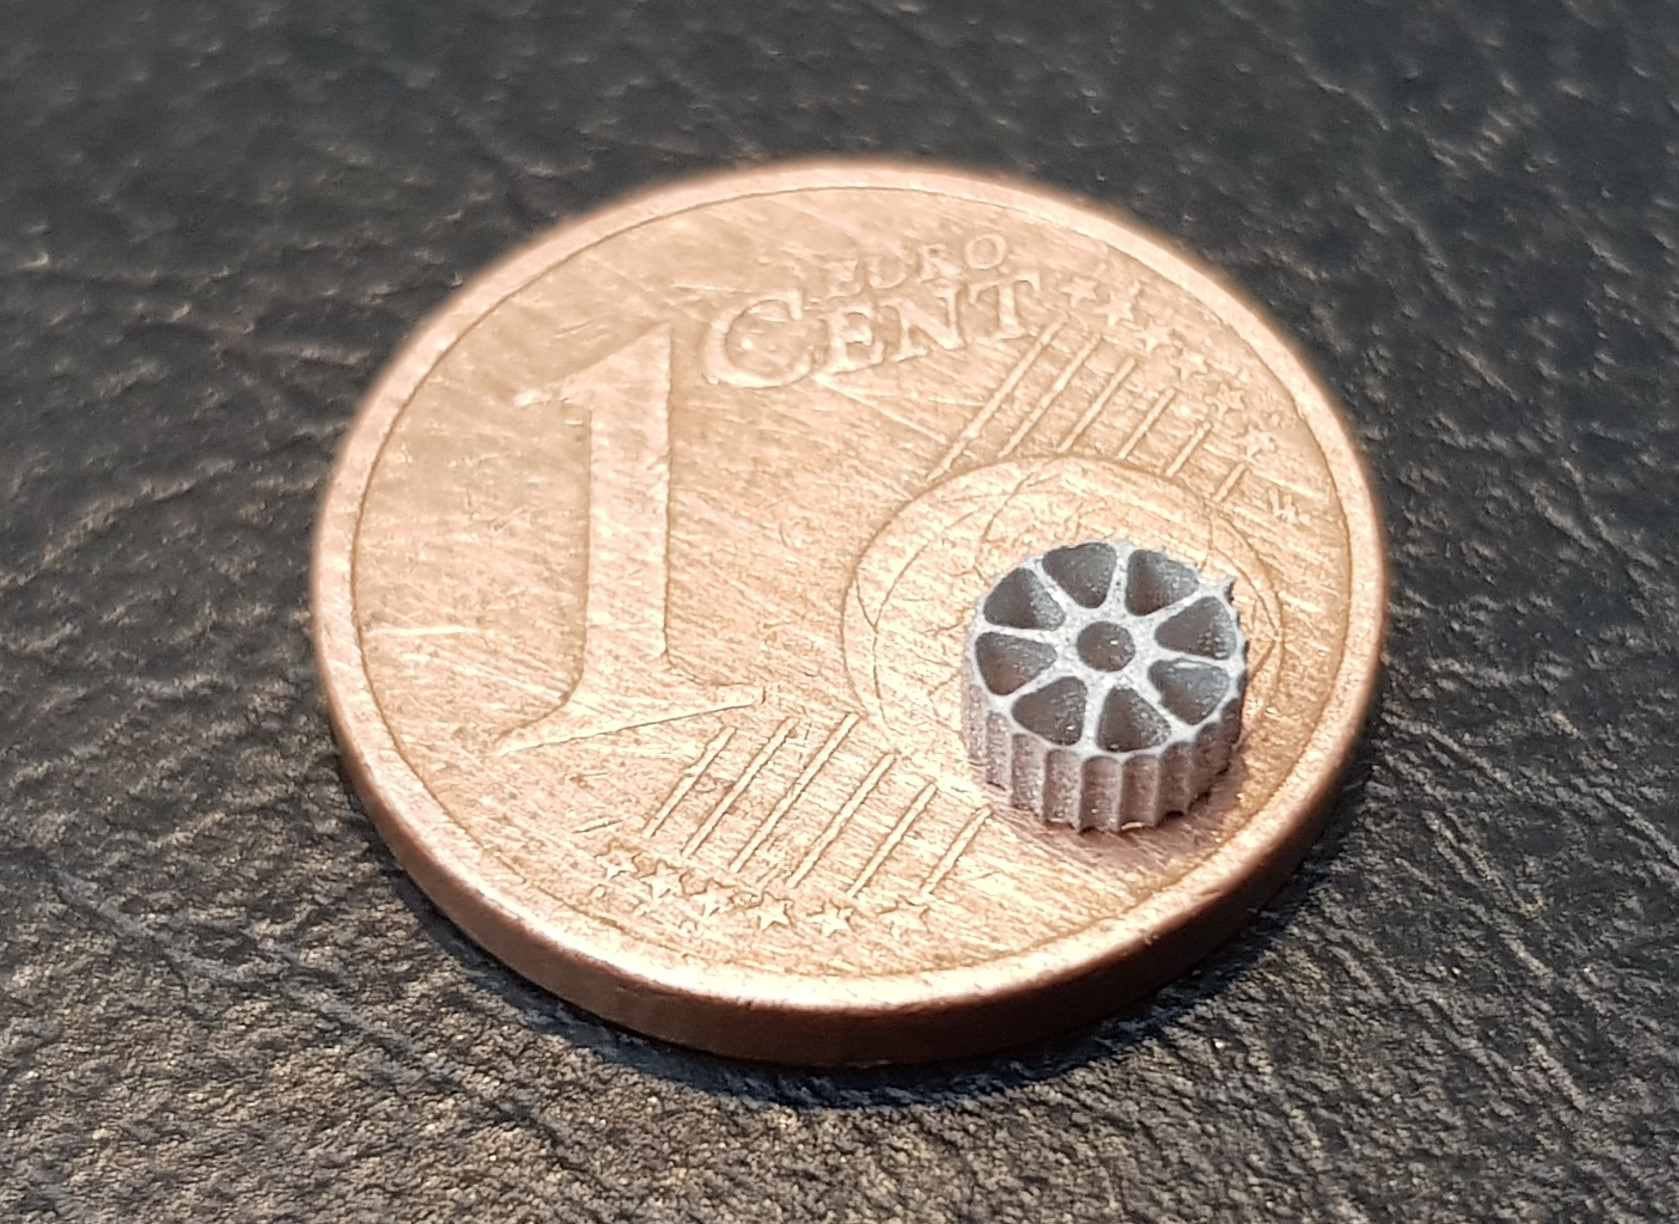 Schneiden kleiner, filigraner Bauteile mit Strahldurchmesser 0,2mm